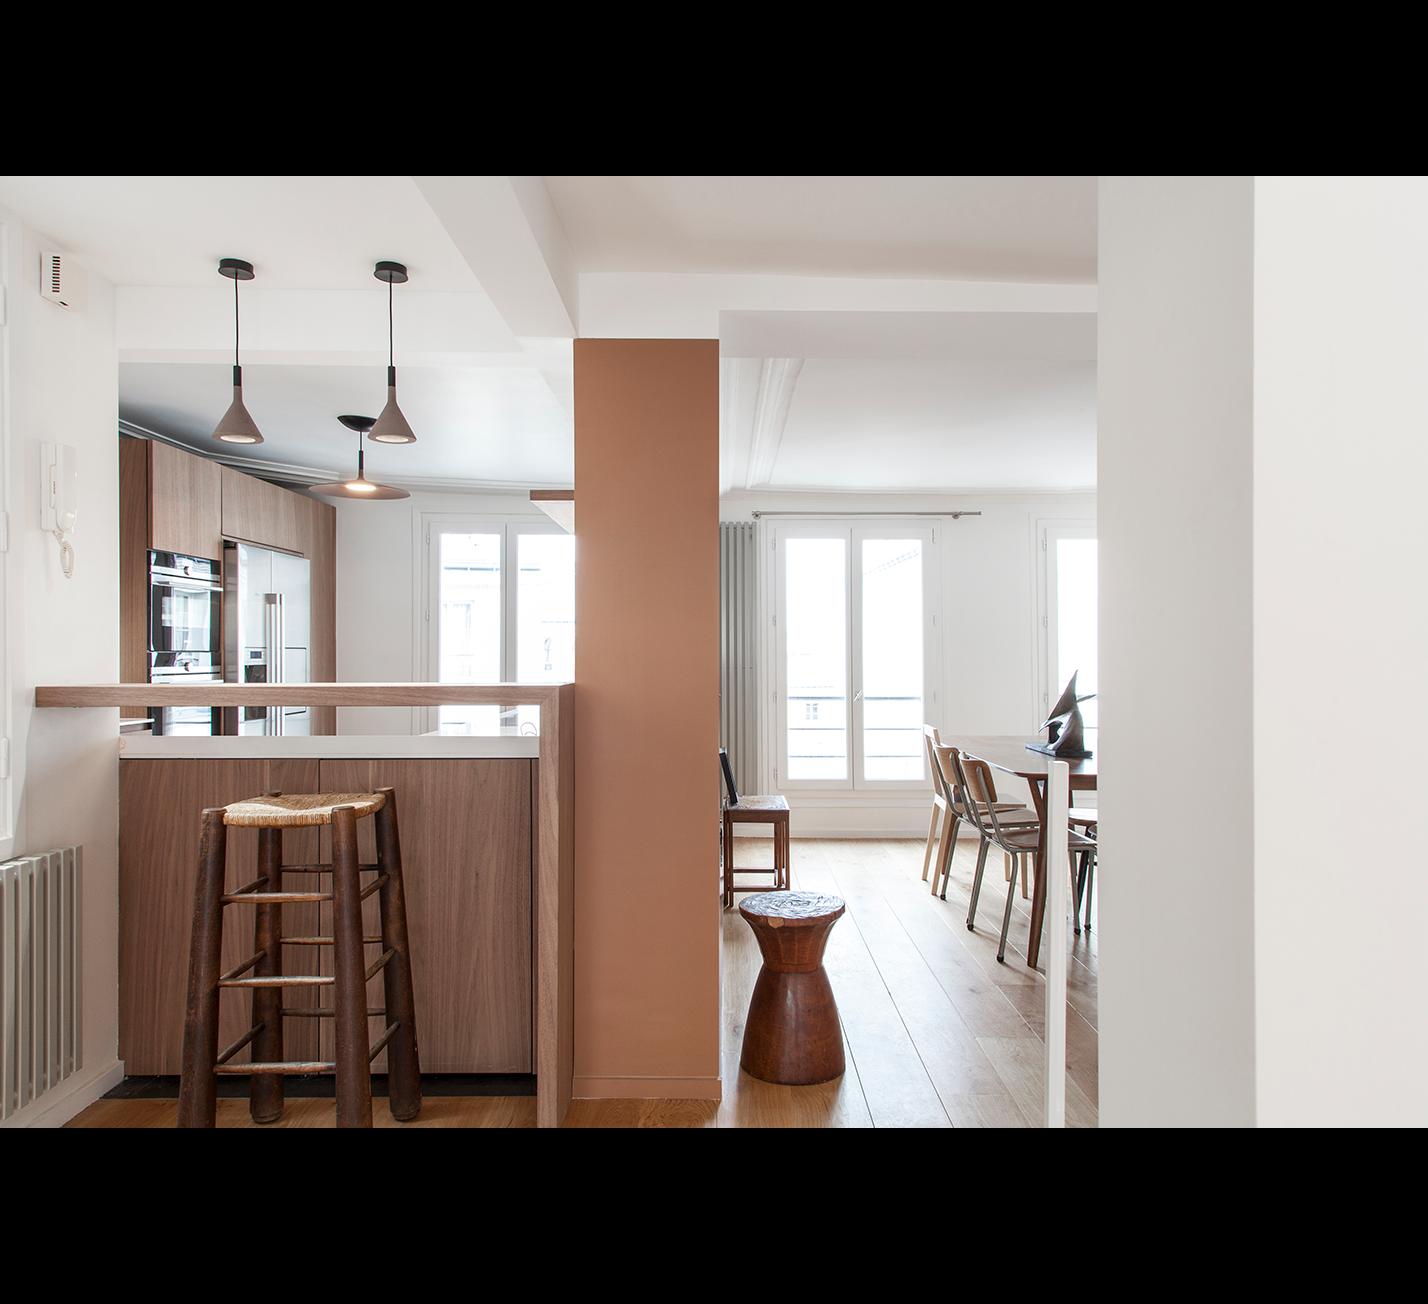 Projet-Pigalle-Atelier-Steve-Pauline-Borgia-Architecture-interieur-04